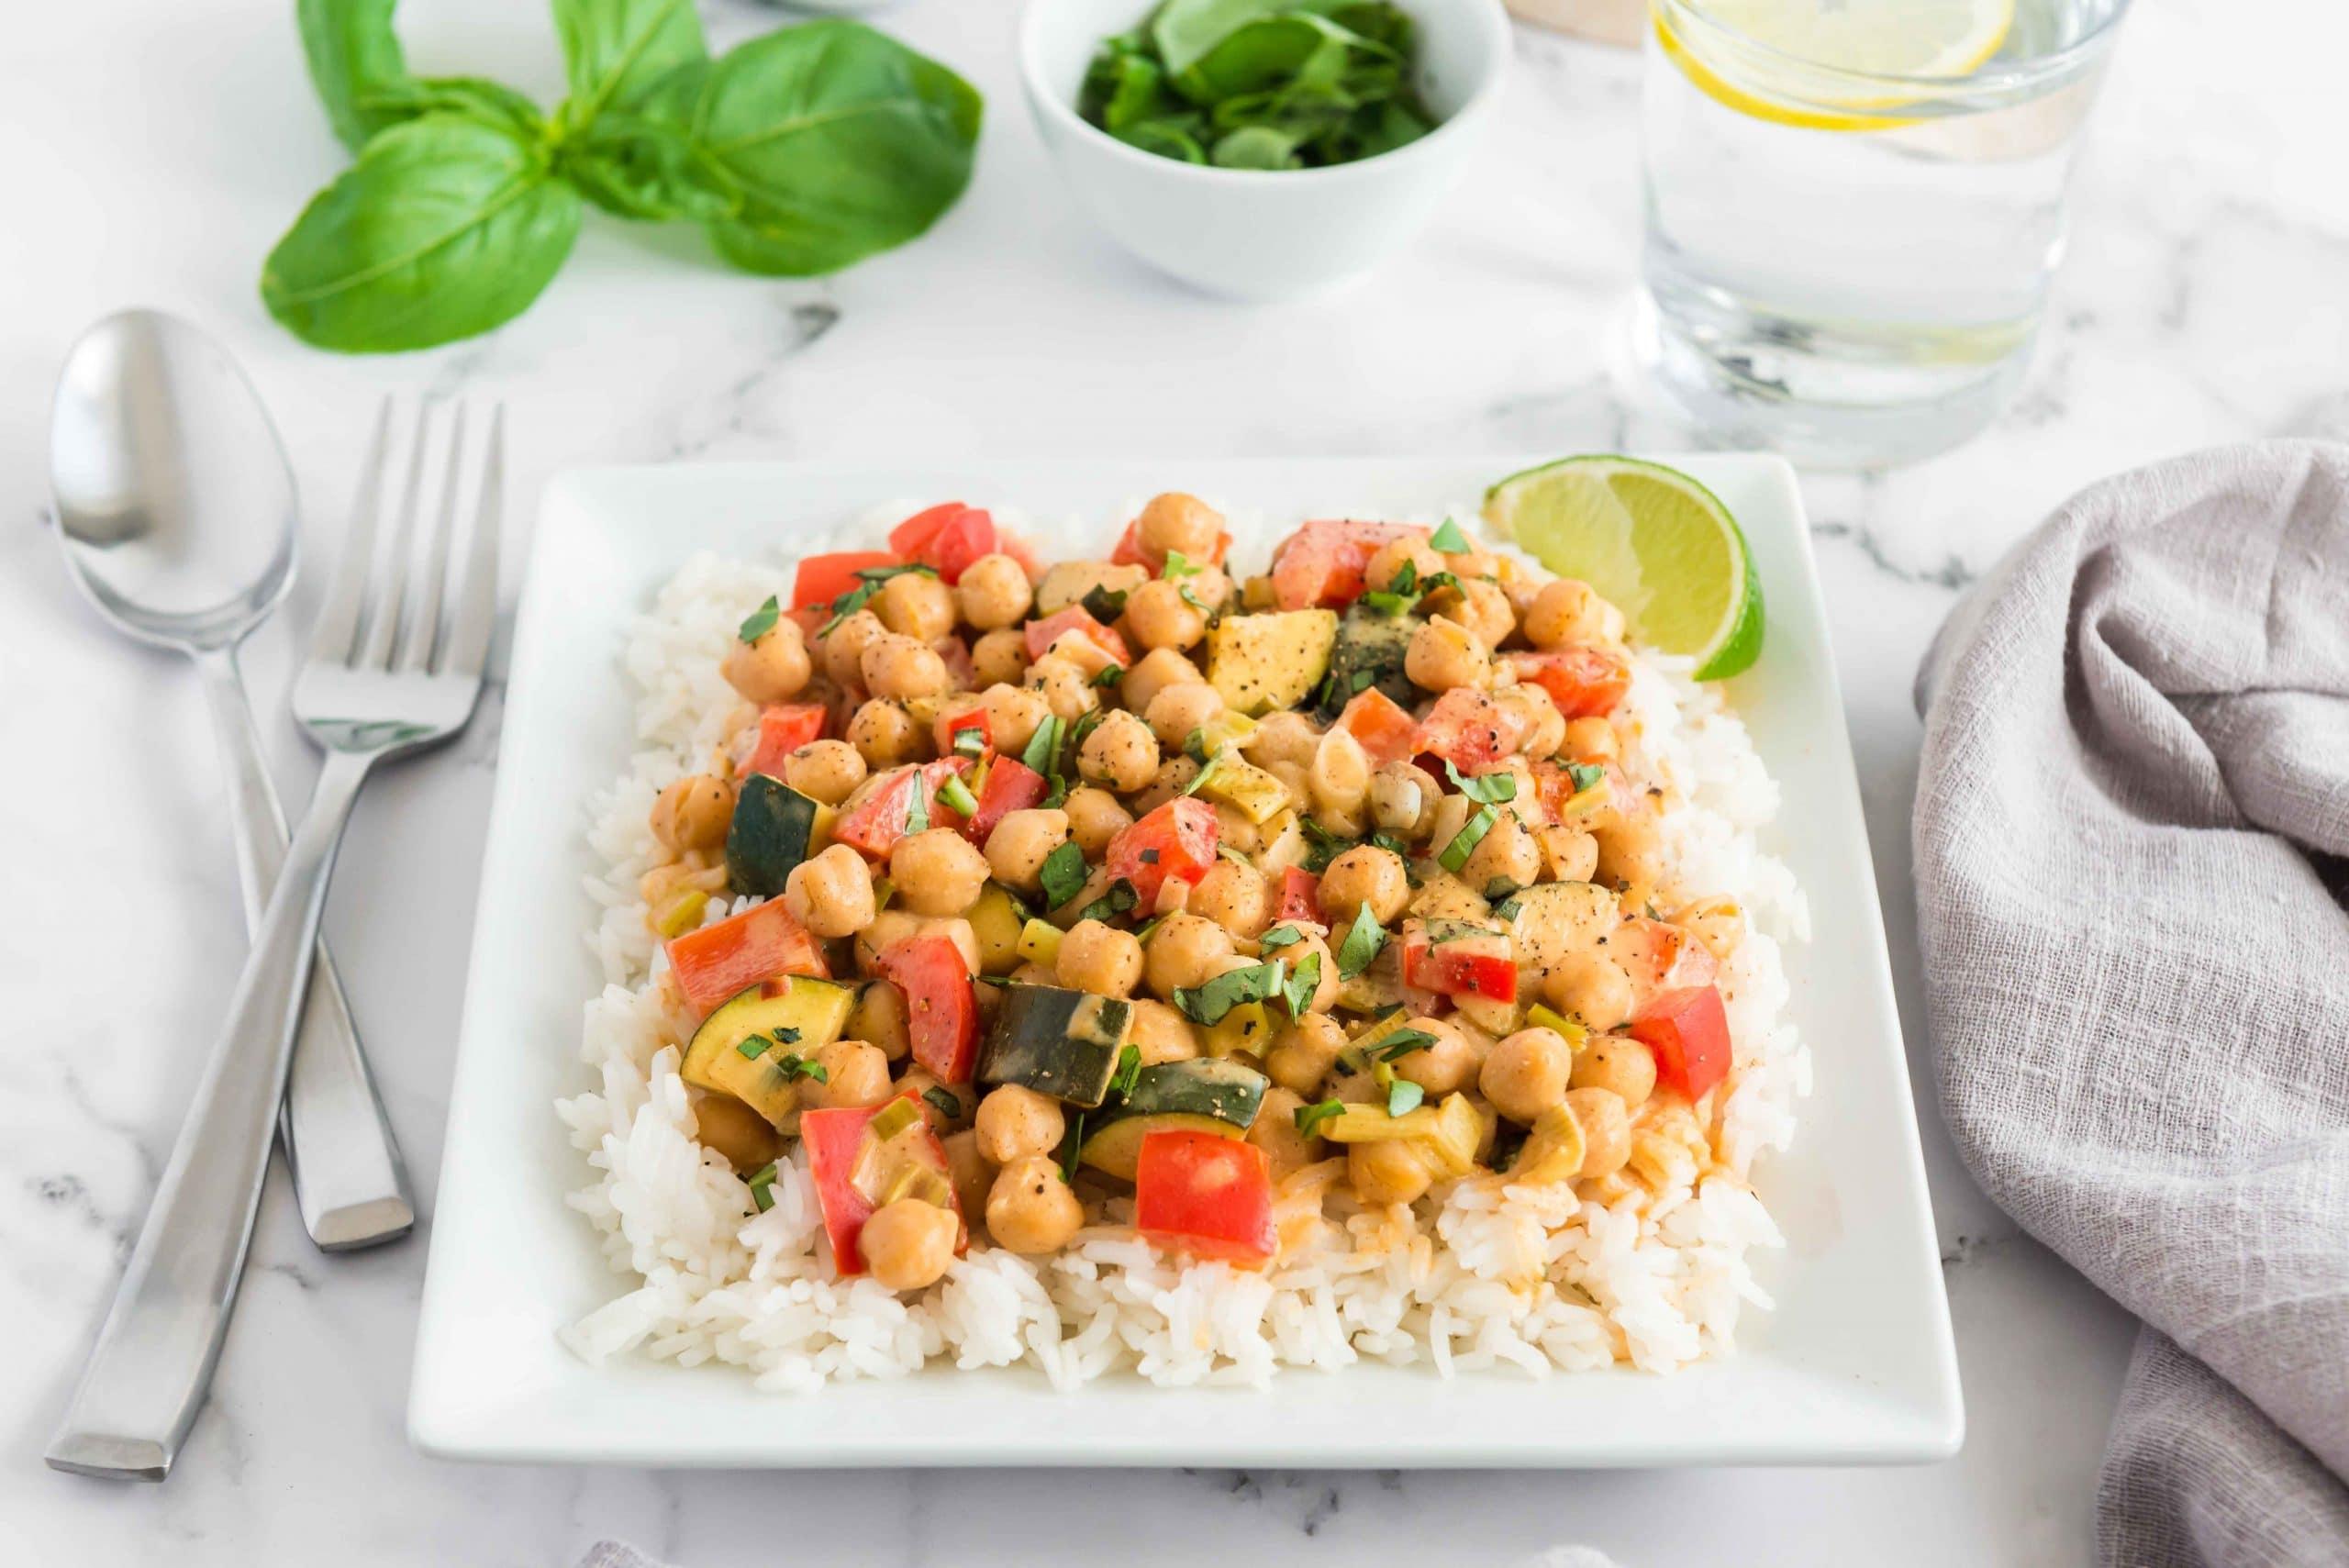 Thai Chickpea Almond Curry served on jasmine rice